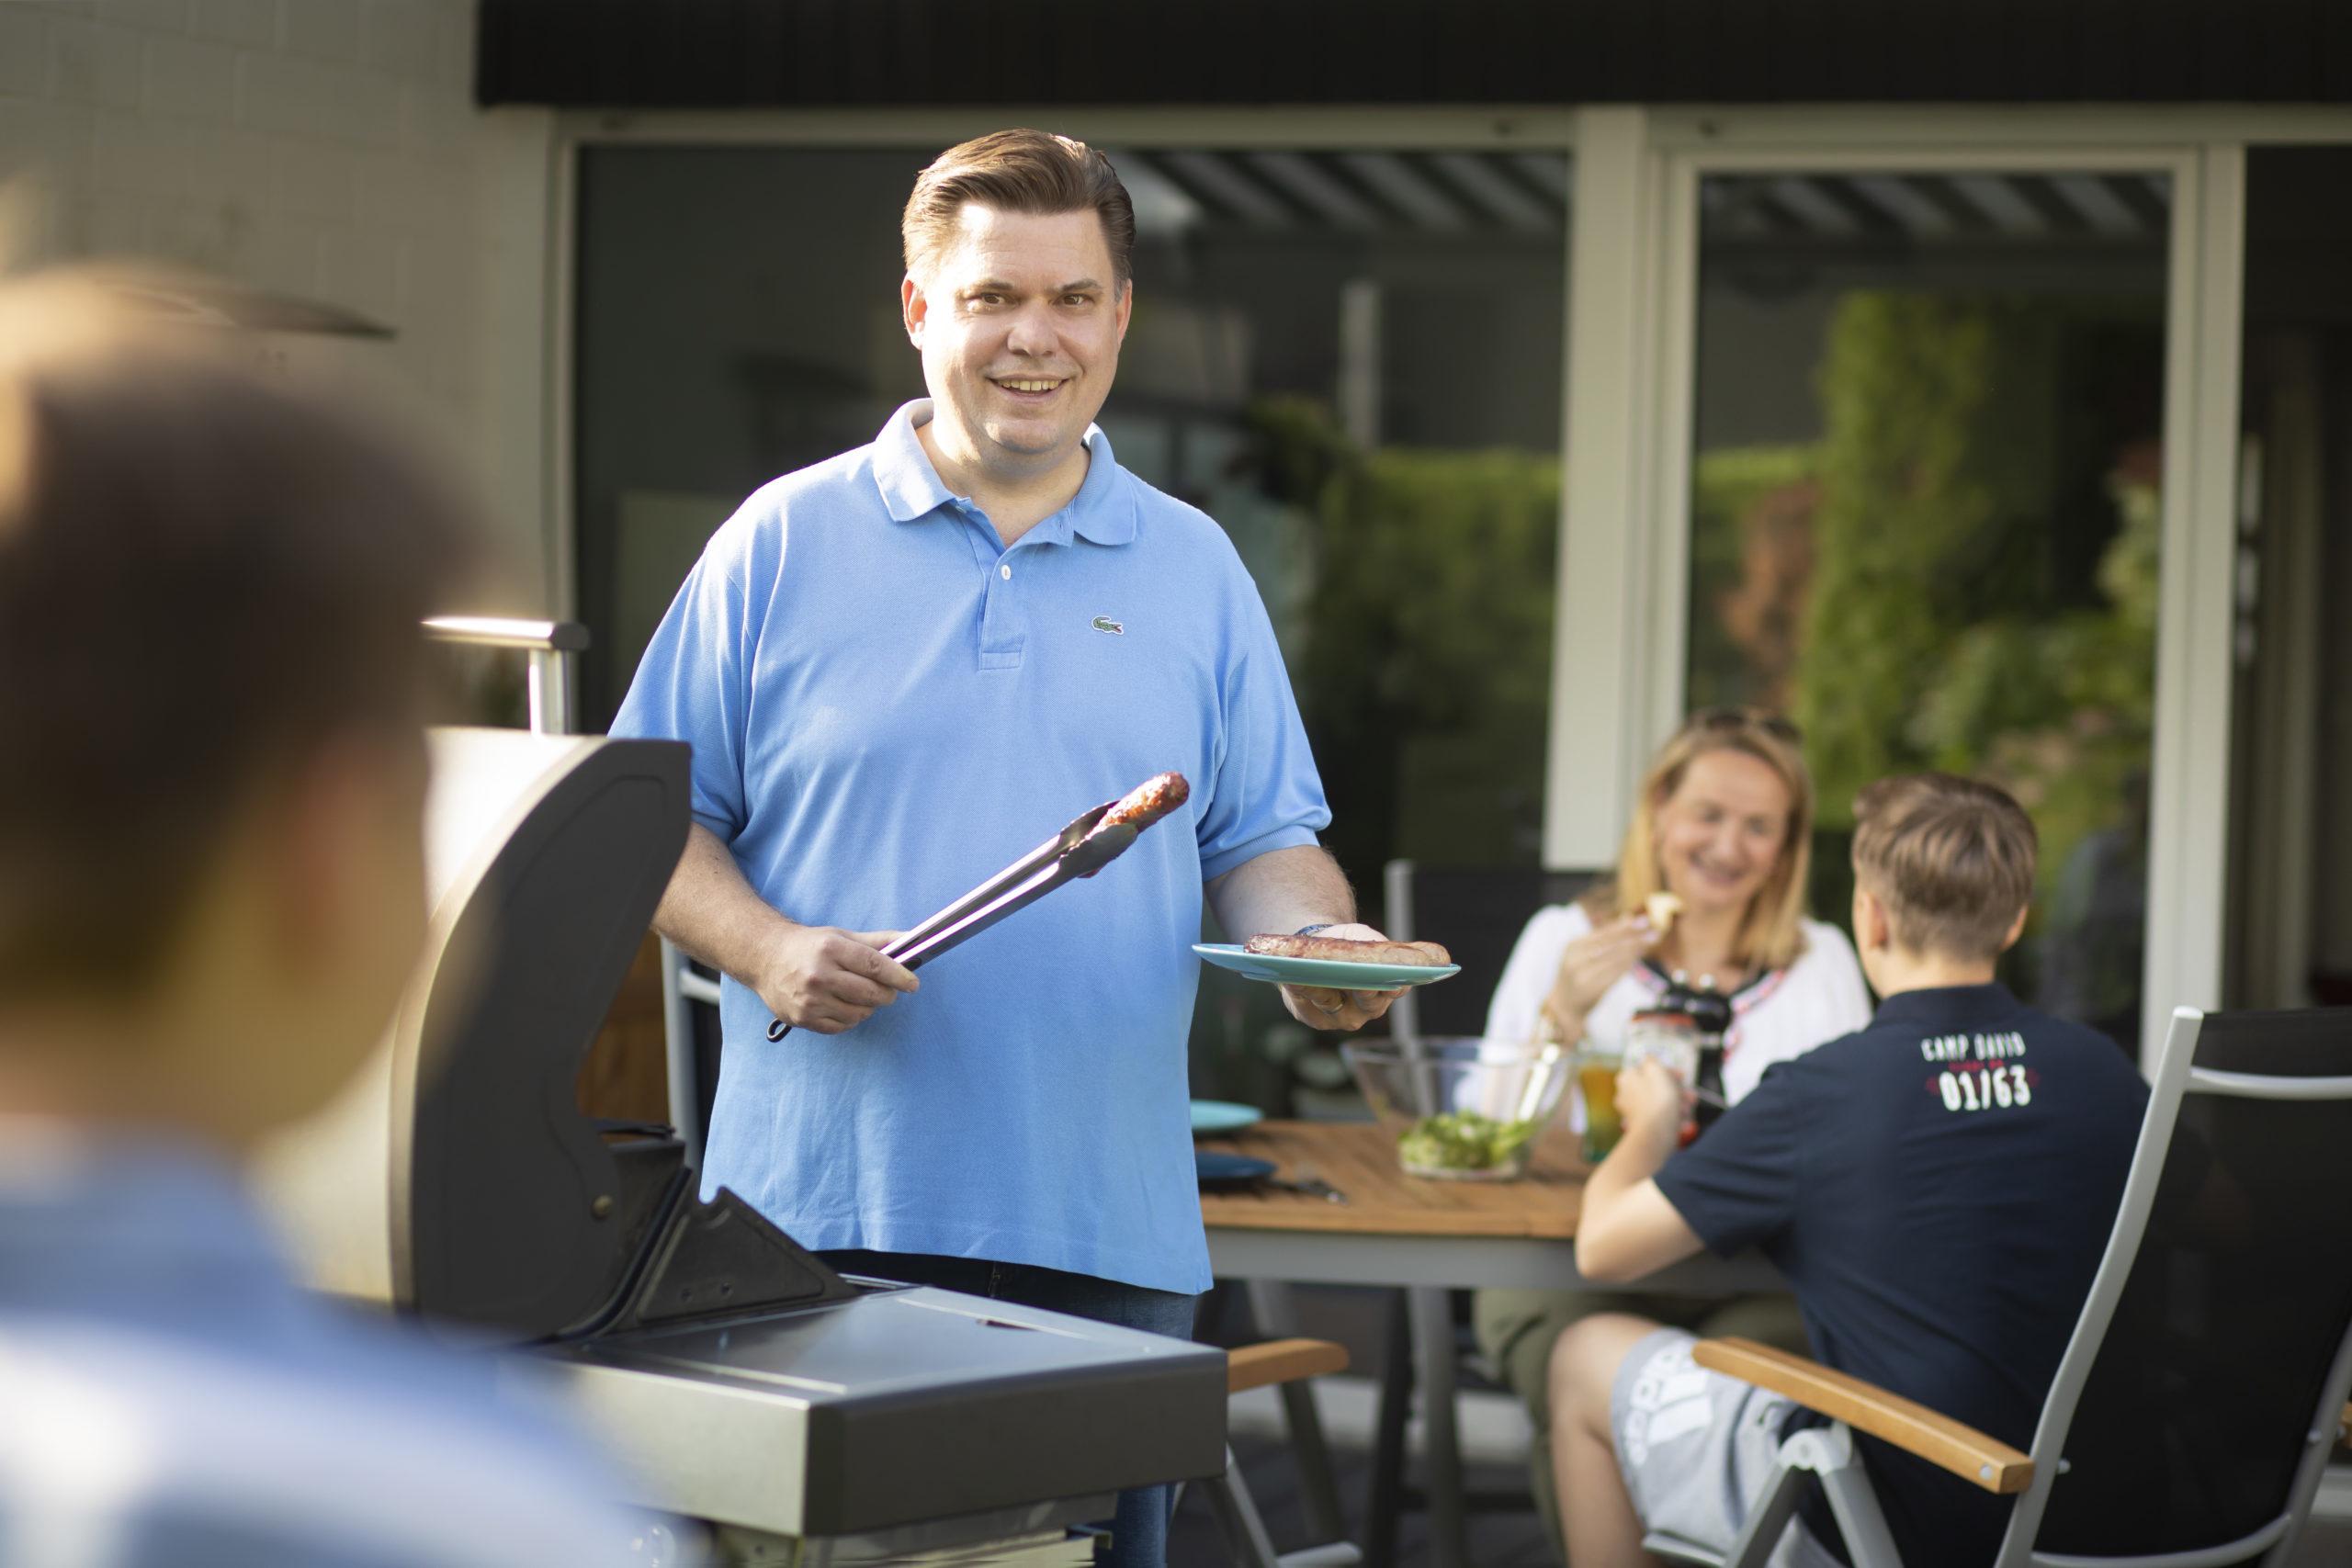 Stefan Schmitt steht hinter einem Grill, im Hintergrund sitzen ein Junge und eine Frau essend am Tisch